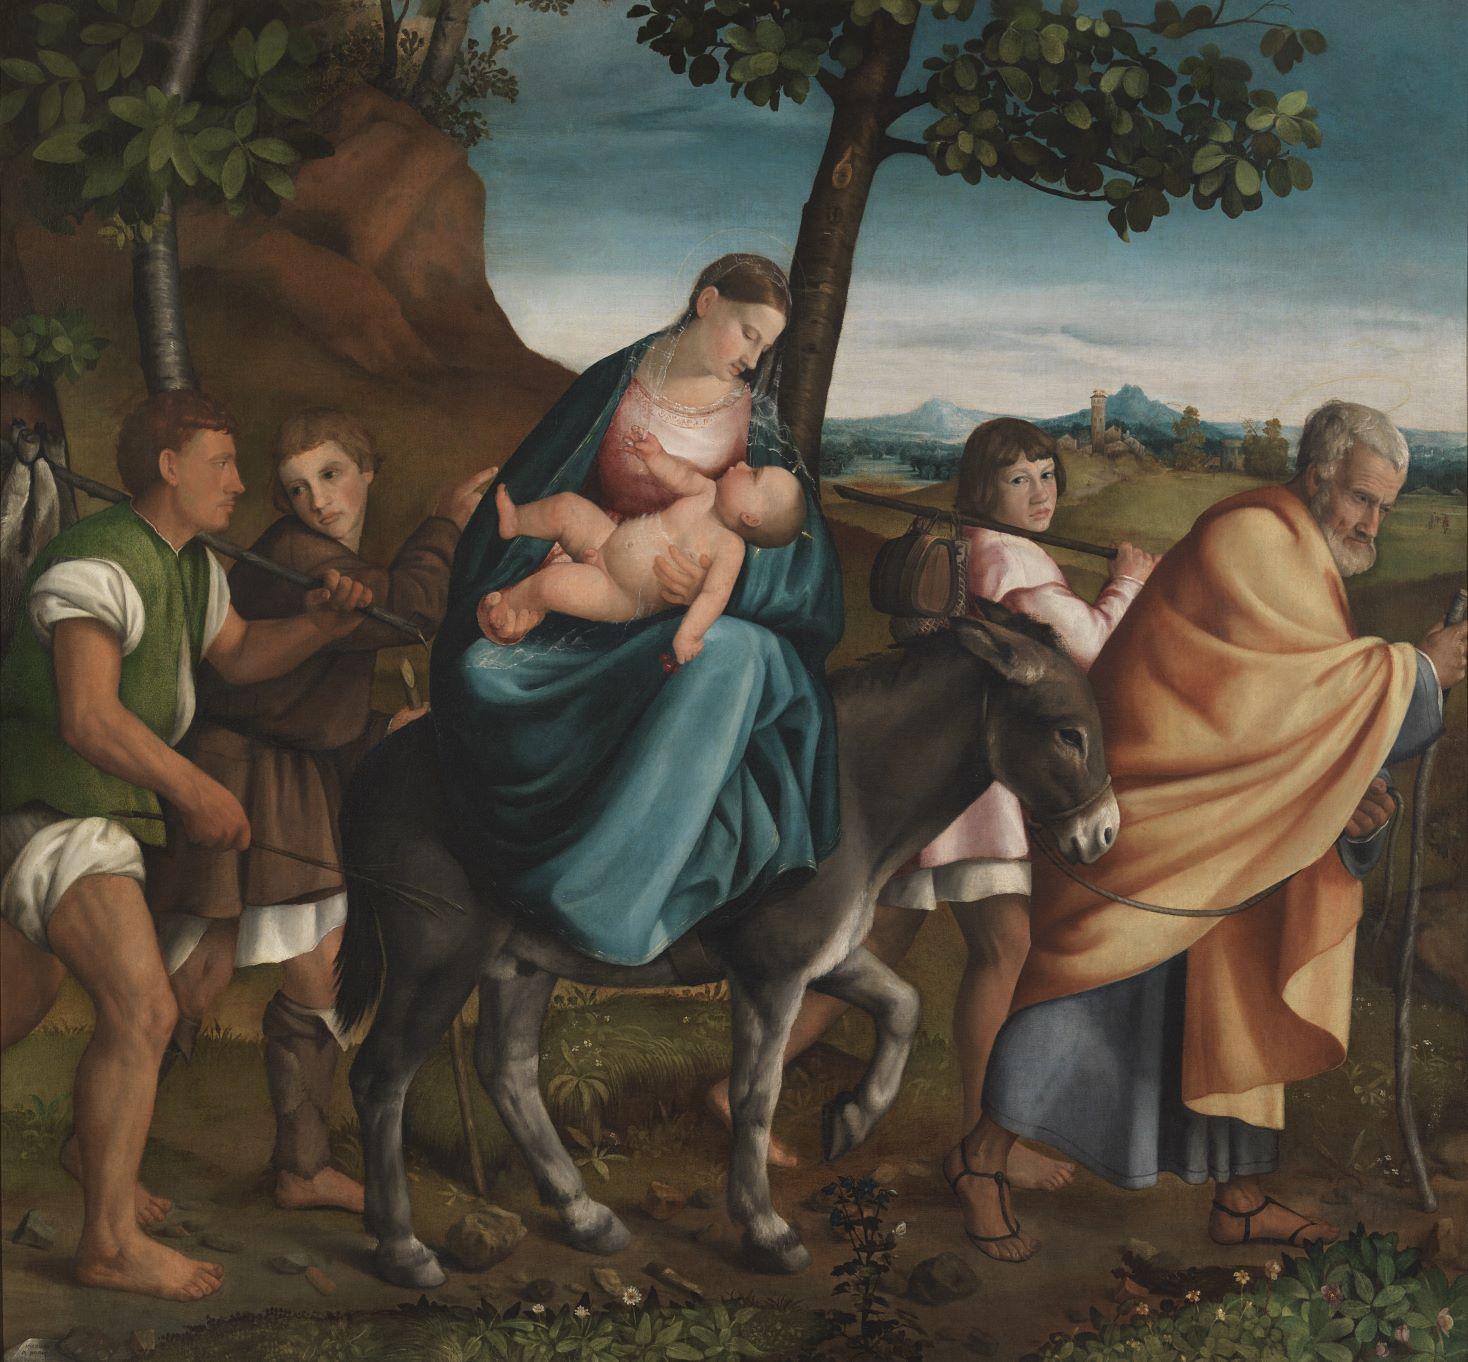 Le Gallerie dell'Accademia pronte alla riapertura con la splendida Pala di Sant'Anna di Jacopo Bassano